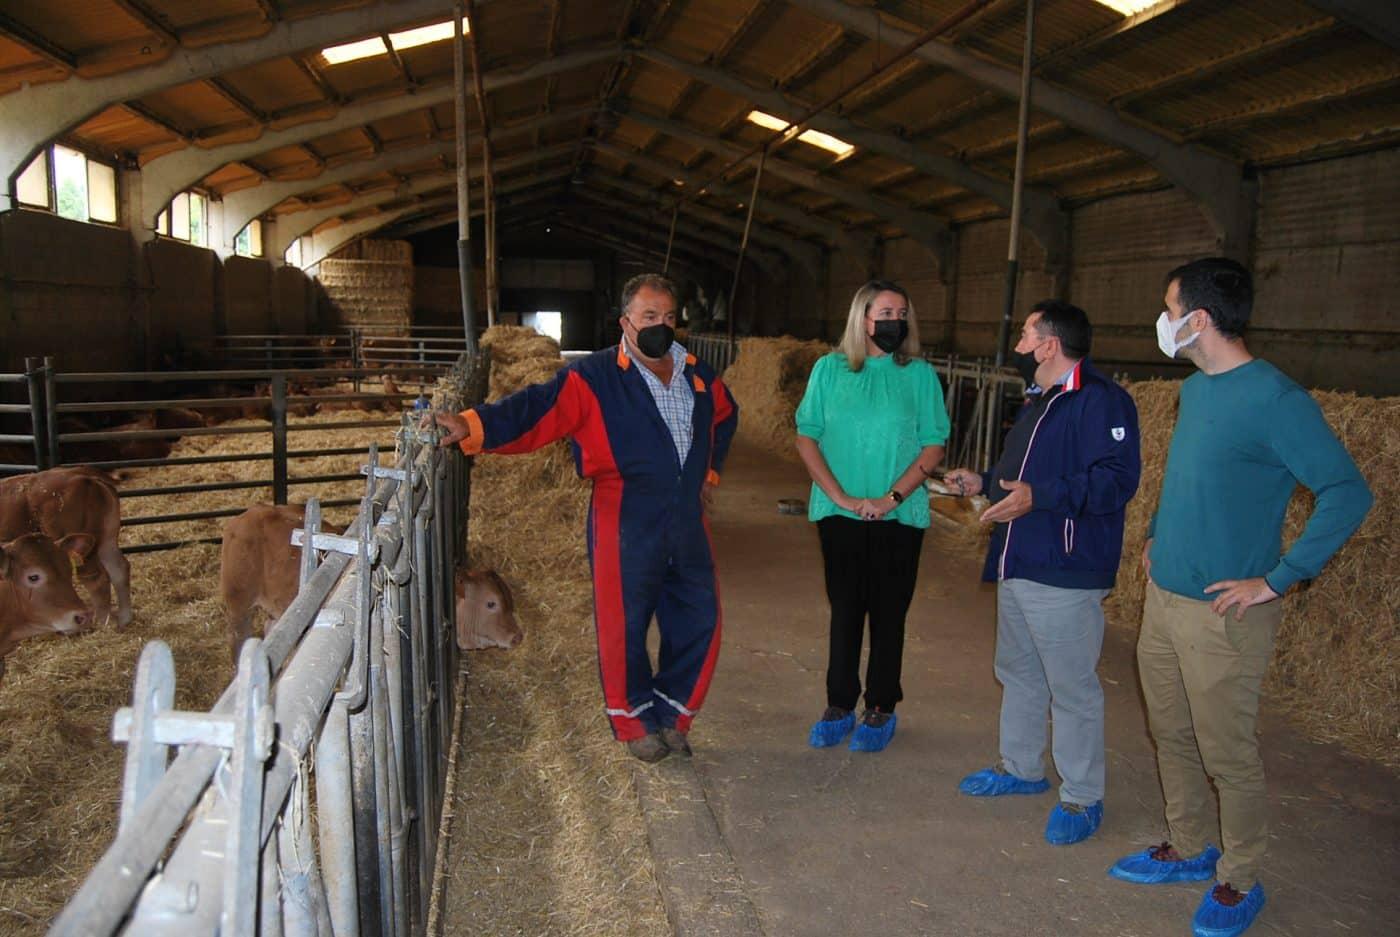 La Rioja abre la convocatoria de ayudas a la ganadería extensiva dotada con más de 600.000 euros 1